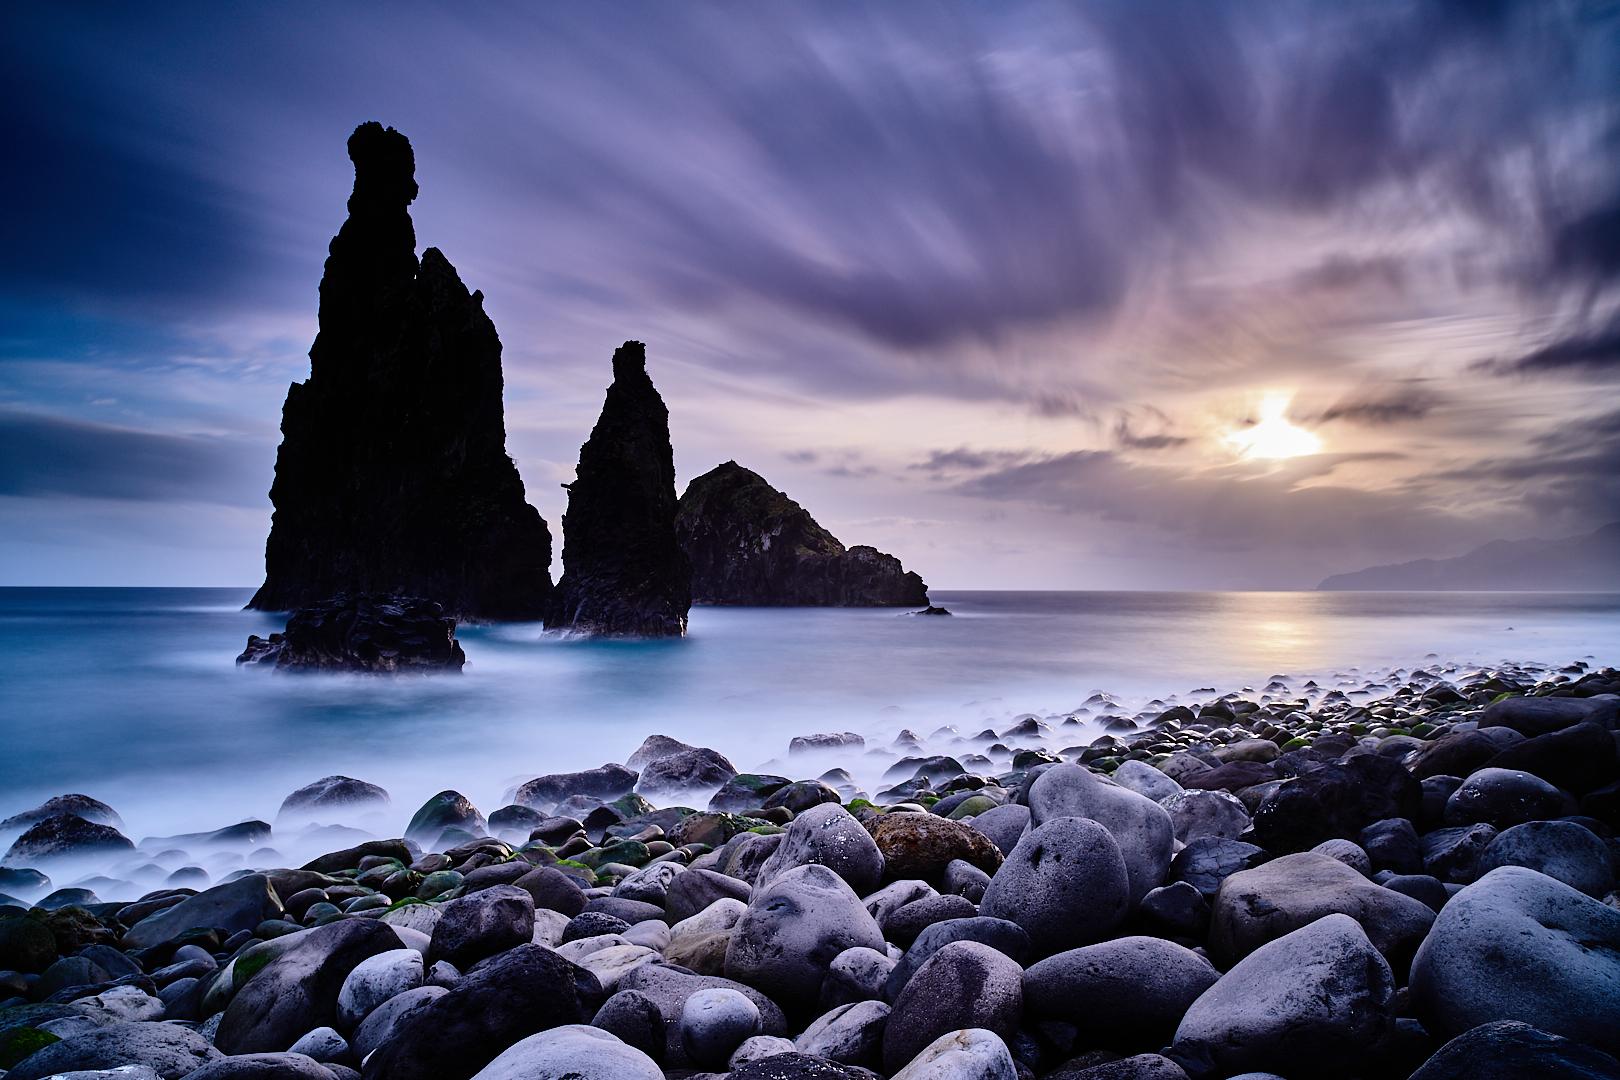 Ribeira da Janela rocks, Portugal